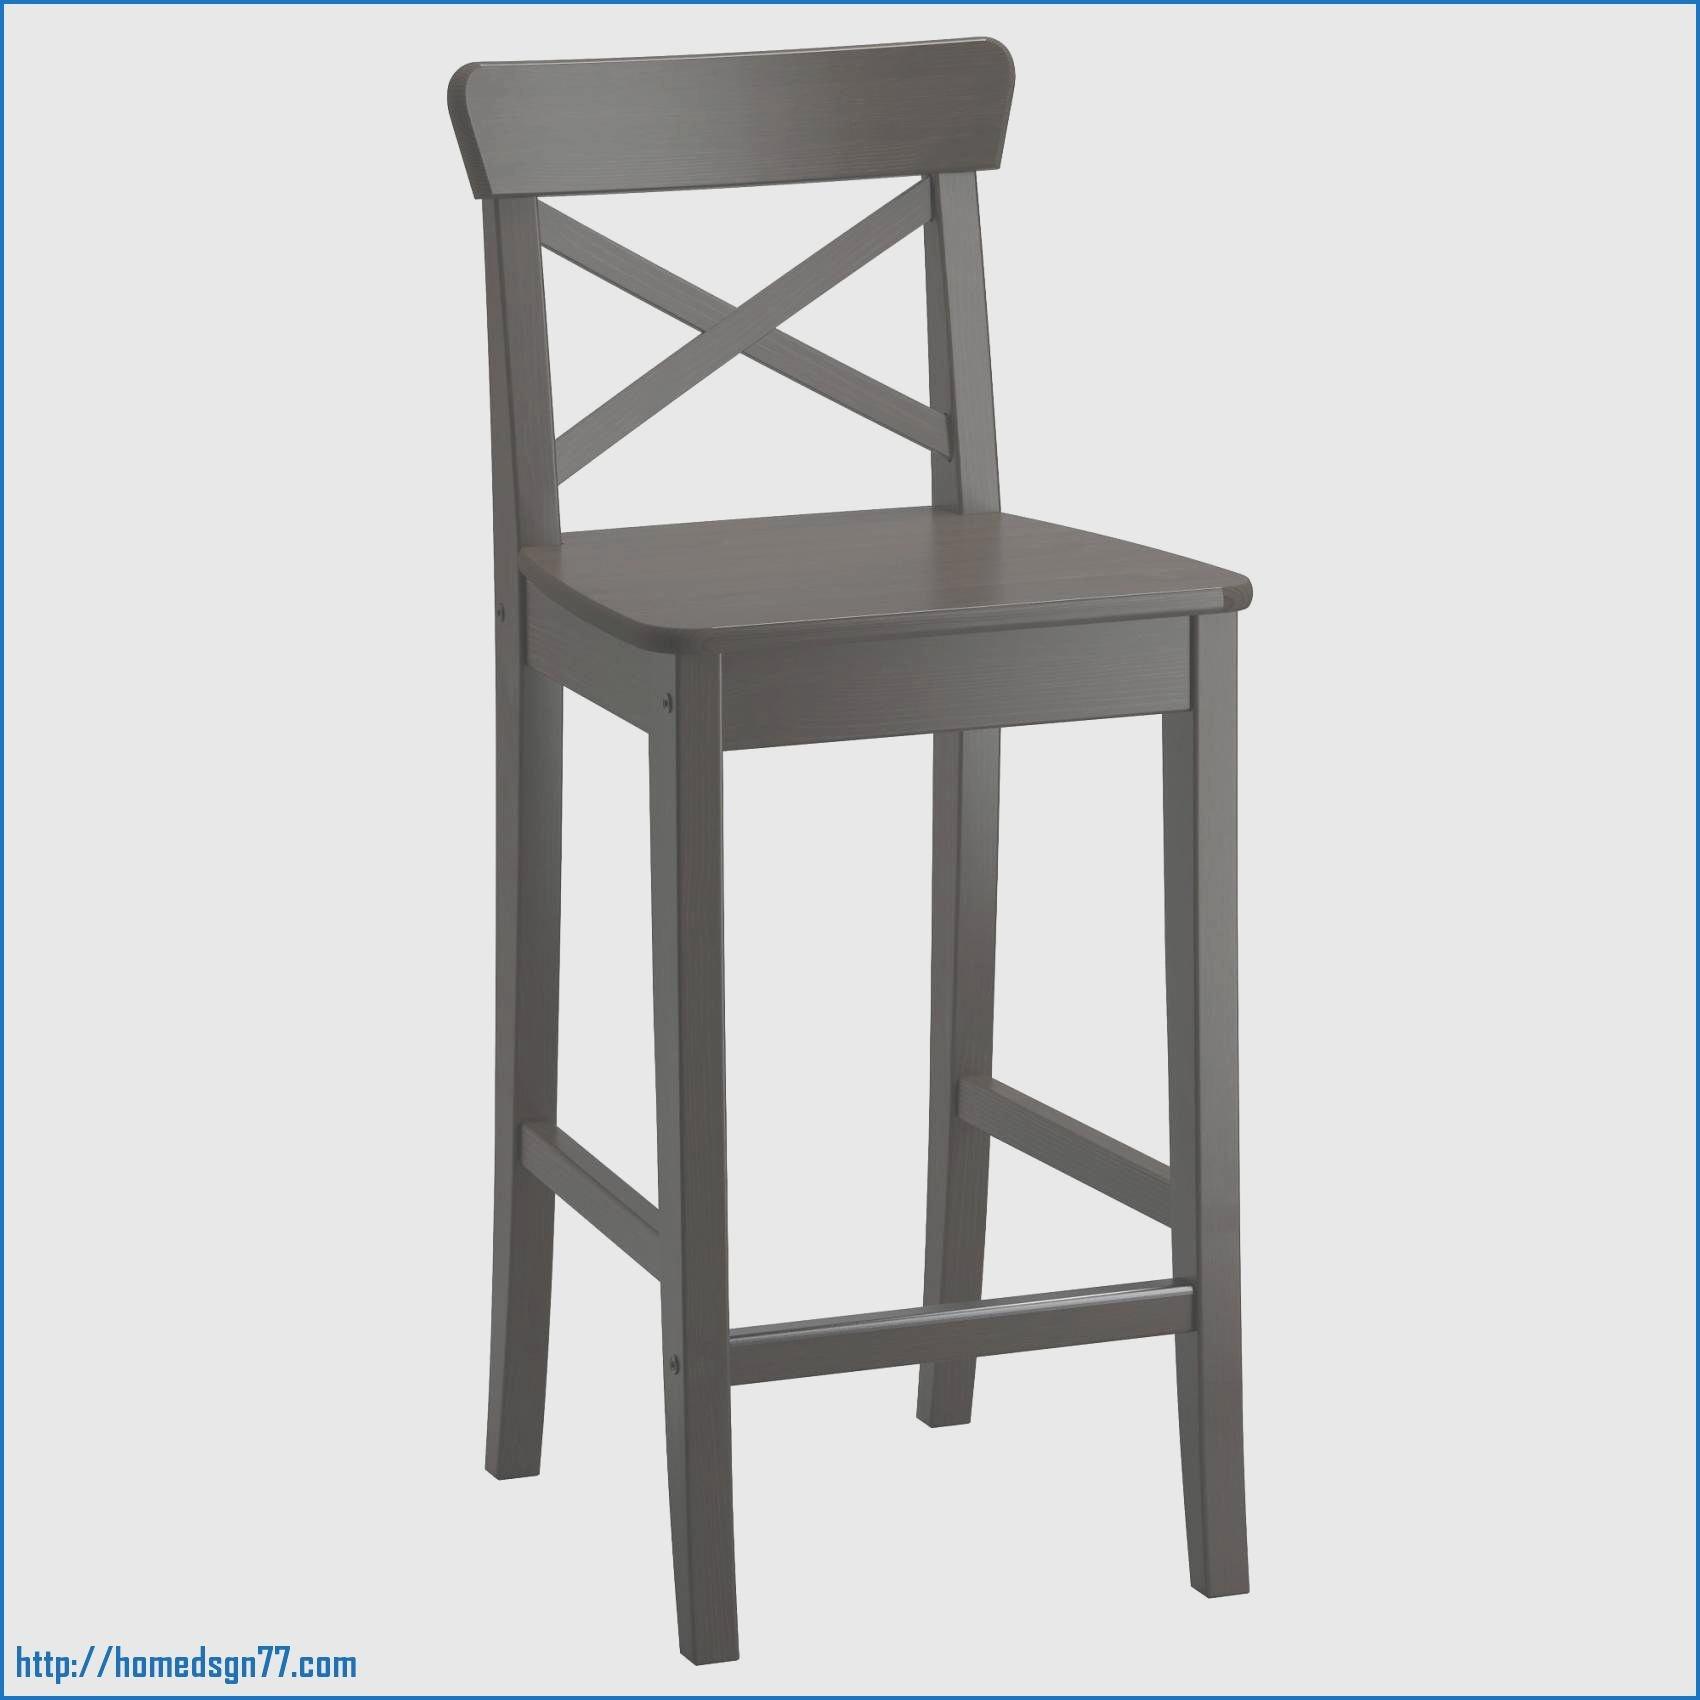 Chaises De Jardin Ikea Unique Collection Chaise De Jardin Ikea Avec Joli Chaise Bureau Ikea Beau Chaise